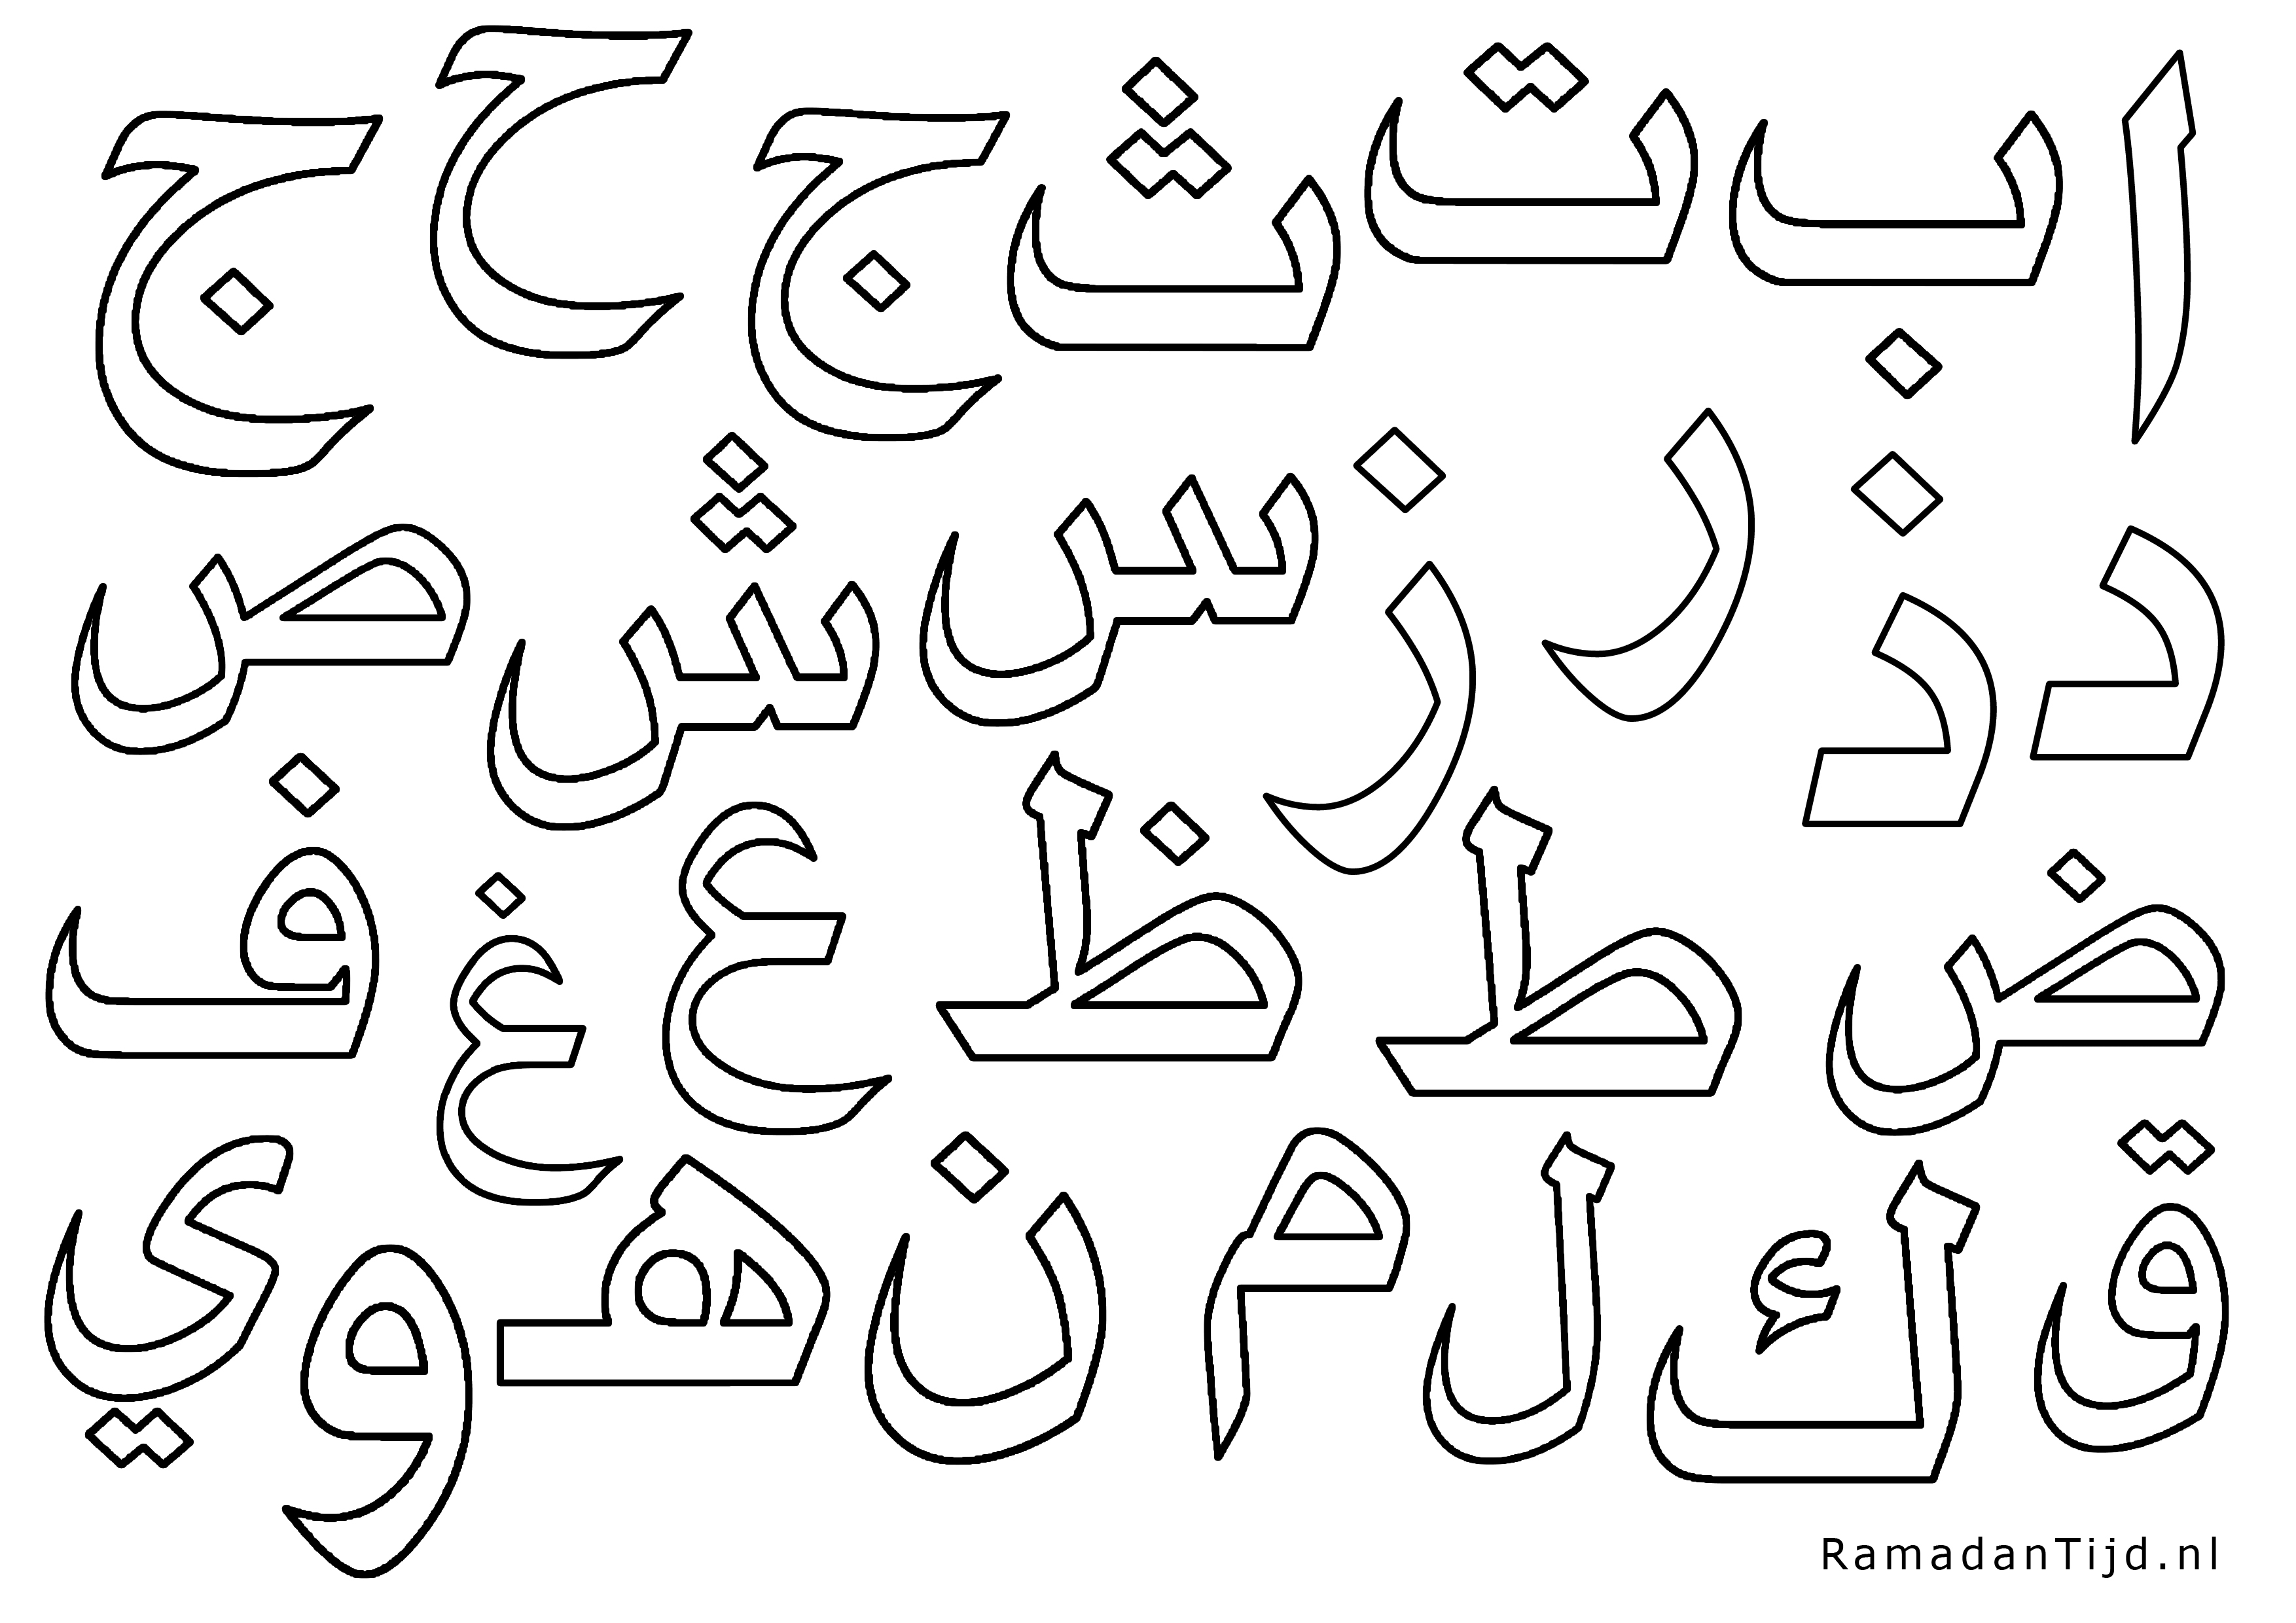 kleurplaten over islam